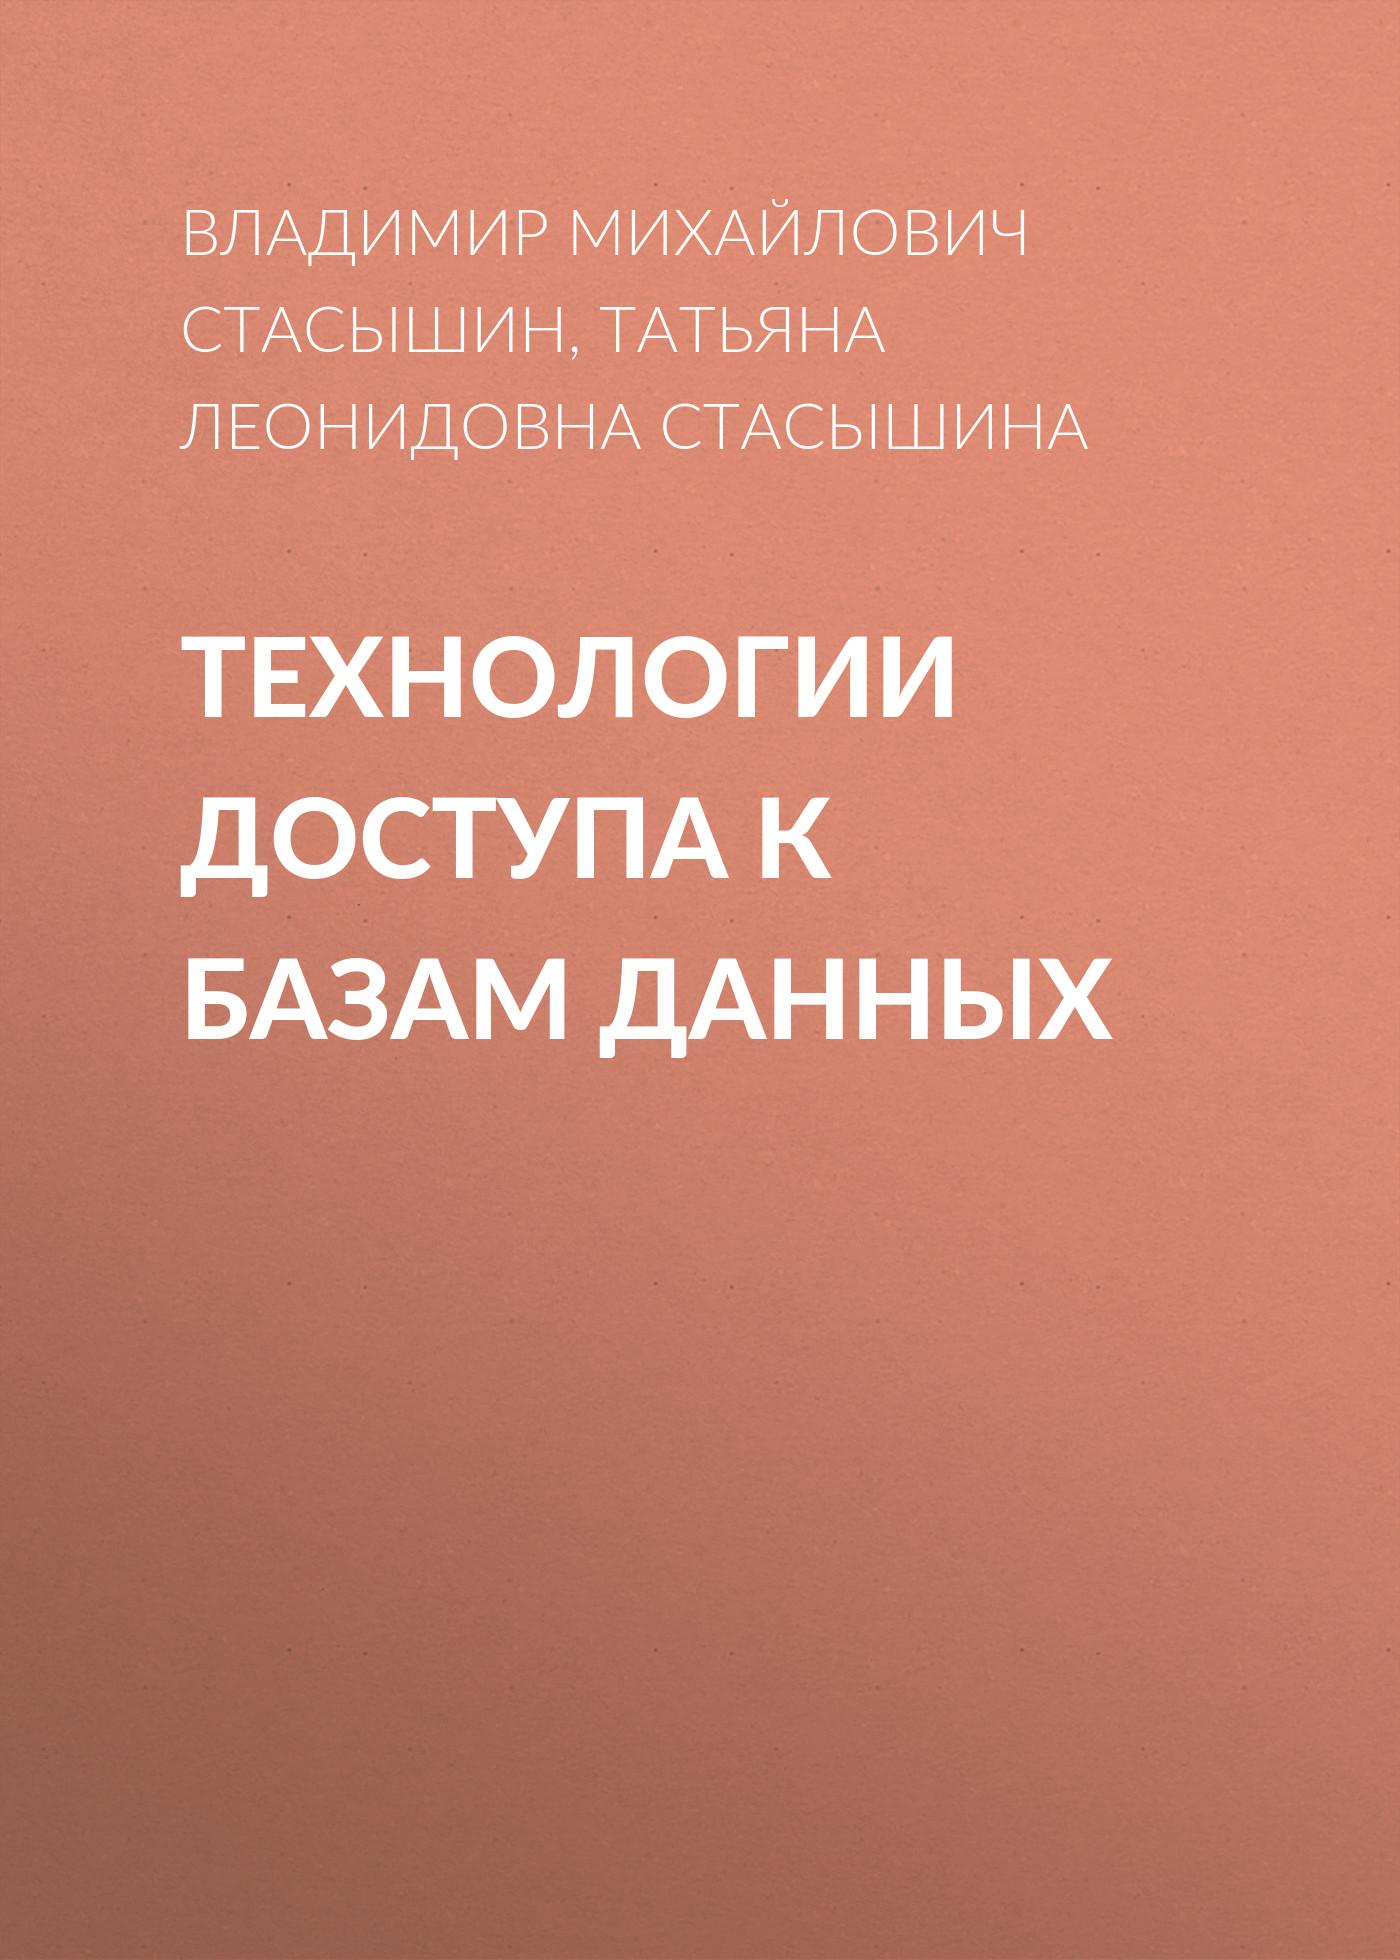 Татьяна Леонидовна Стасышина Технологии доступа к базам данных odbc